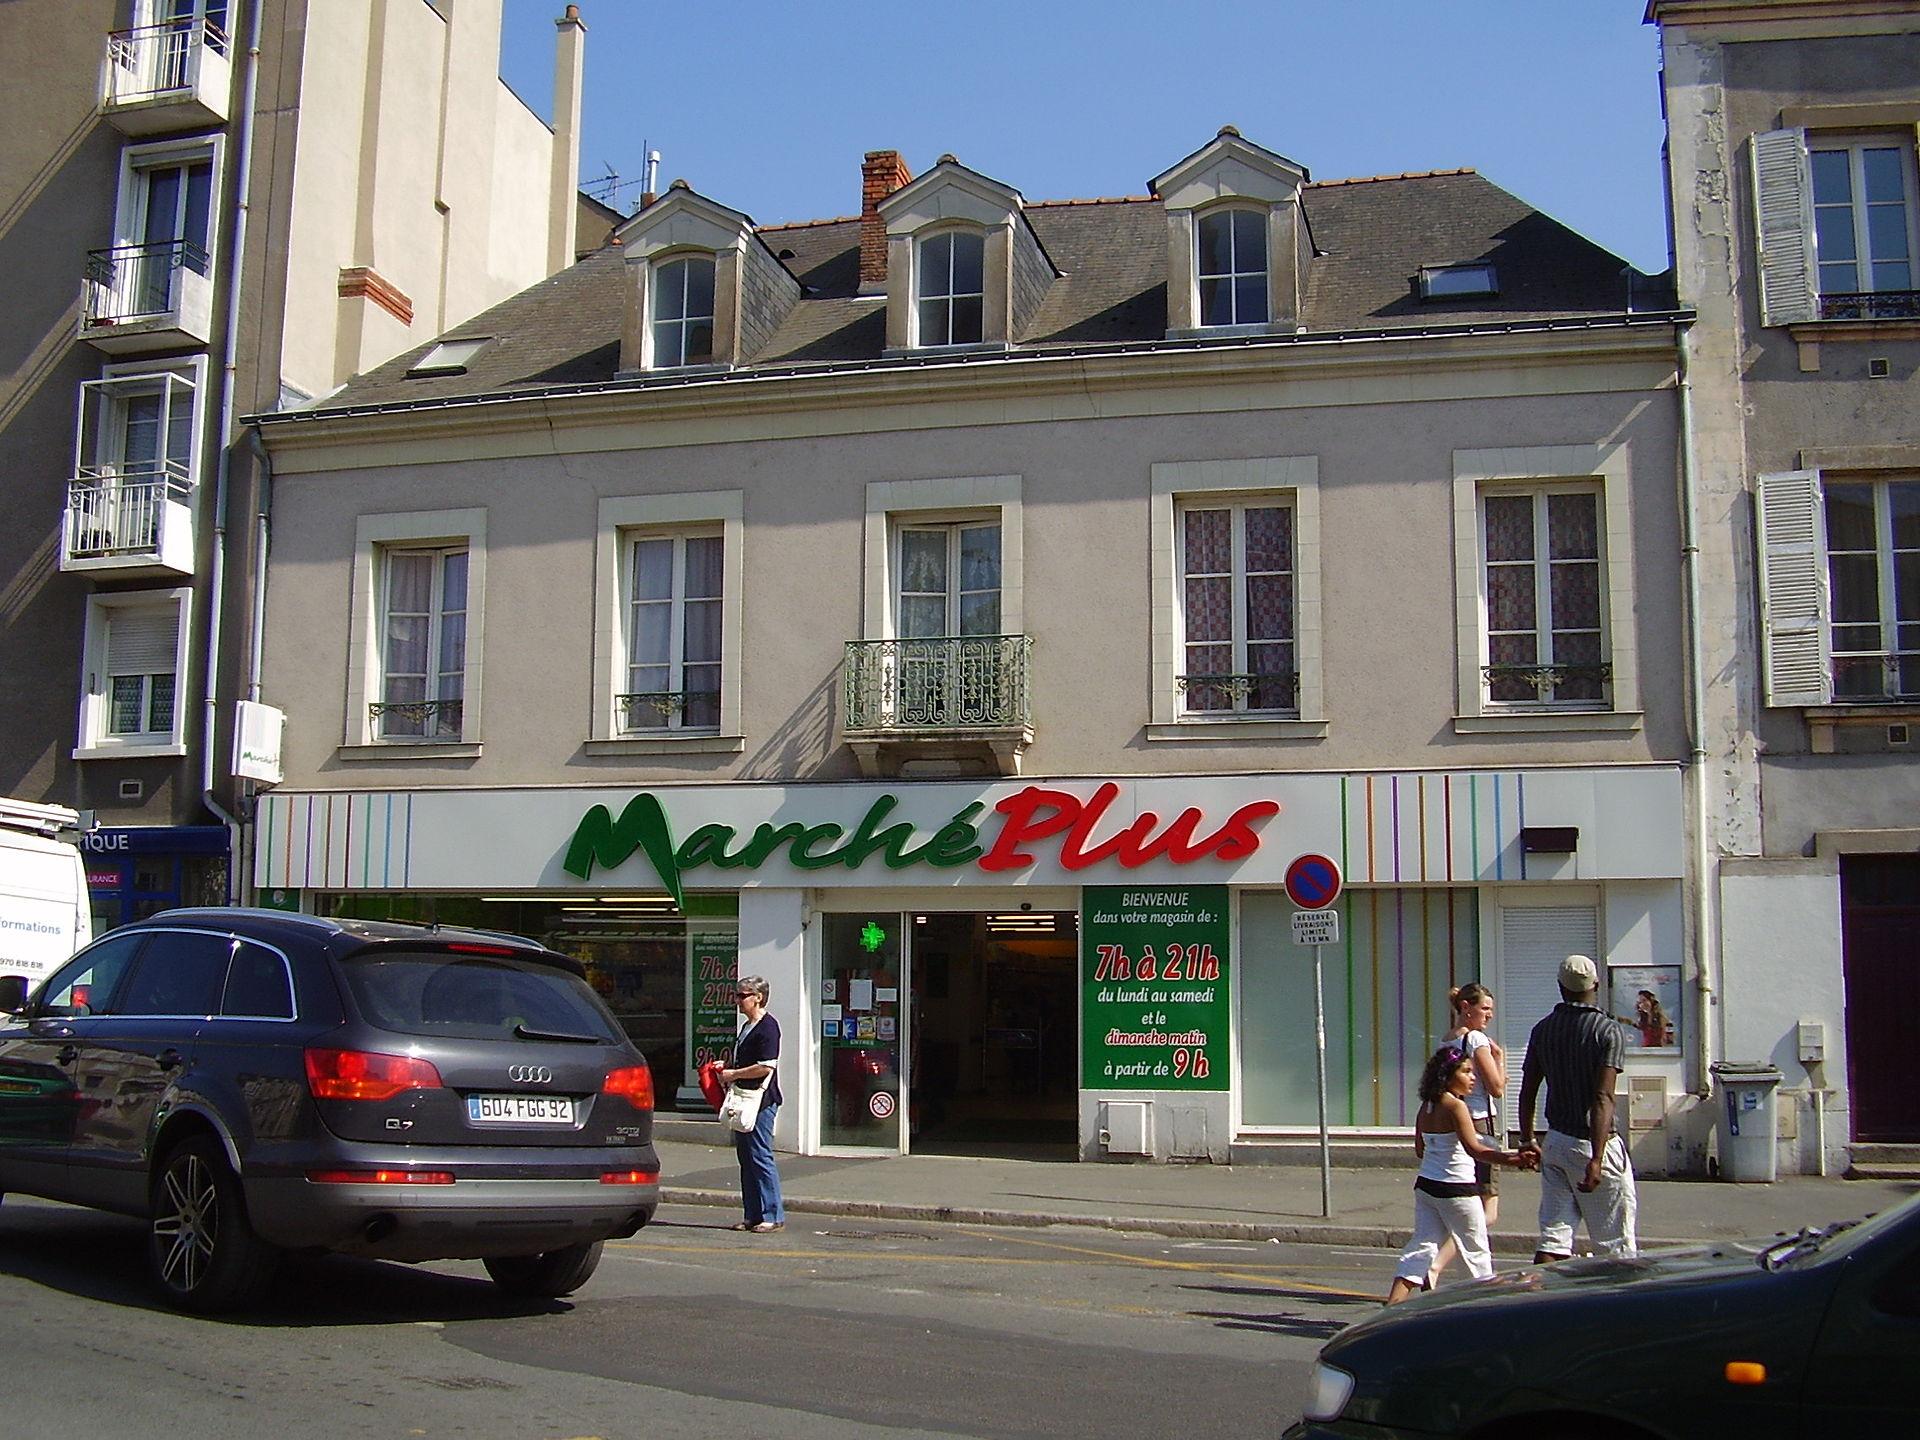 Le Petit Casino Paris Caf Ef Bf Bd Th Ef Bf Bdatre